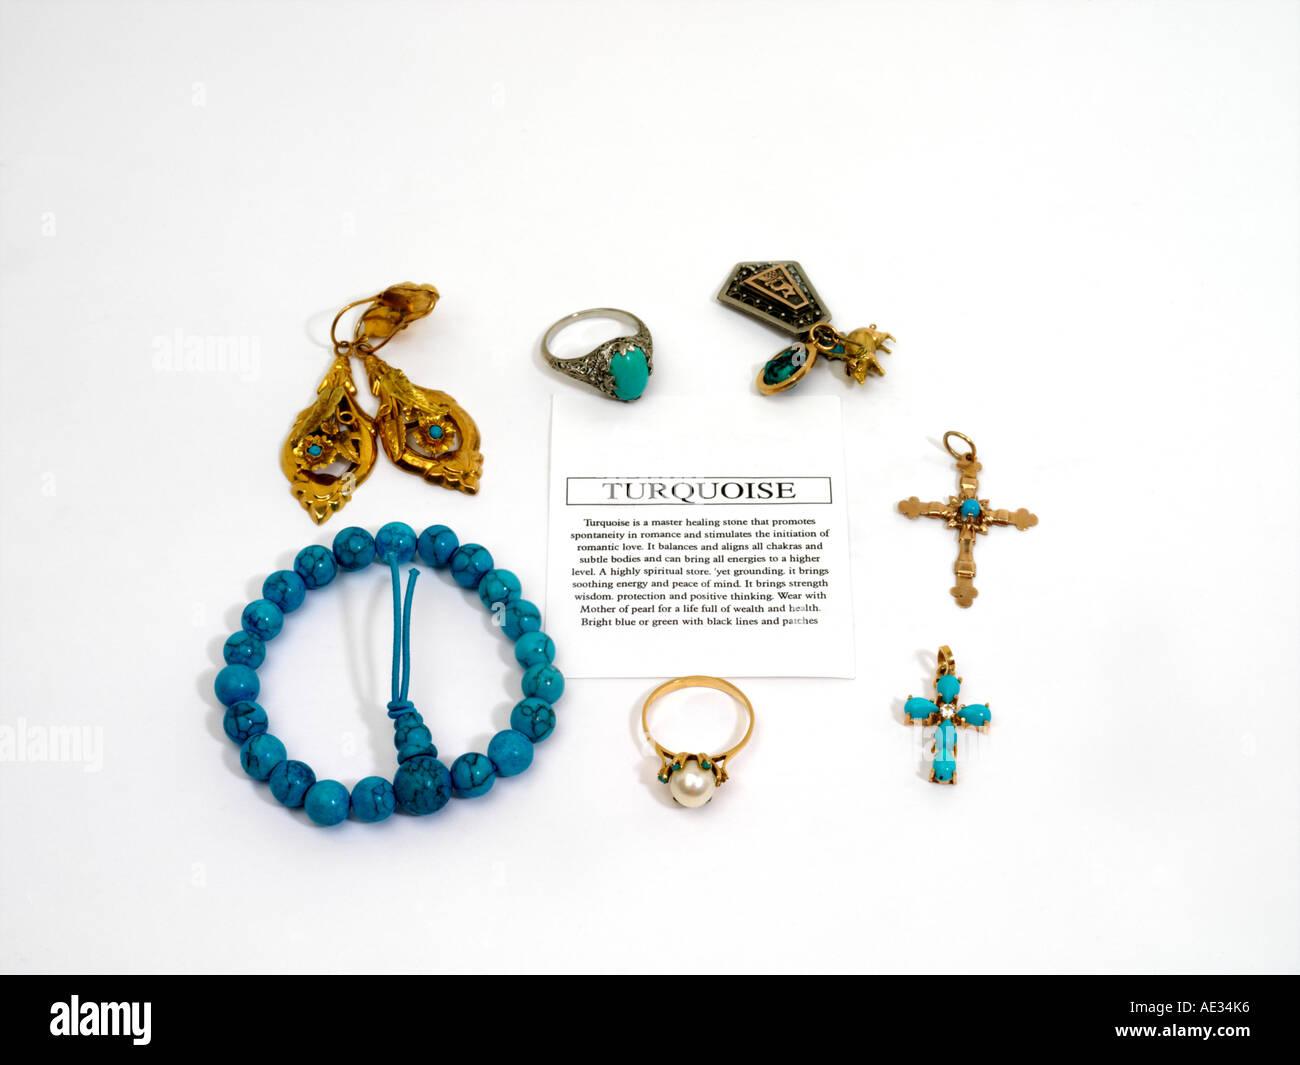 d656bc98f794 Pulsera Pendientes Anillos joyas de turquesa y cruza la turquesa es una  piedra curativa maestra que